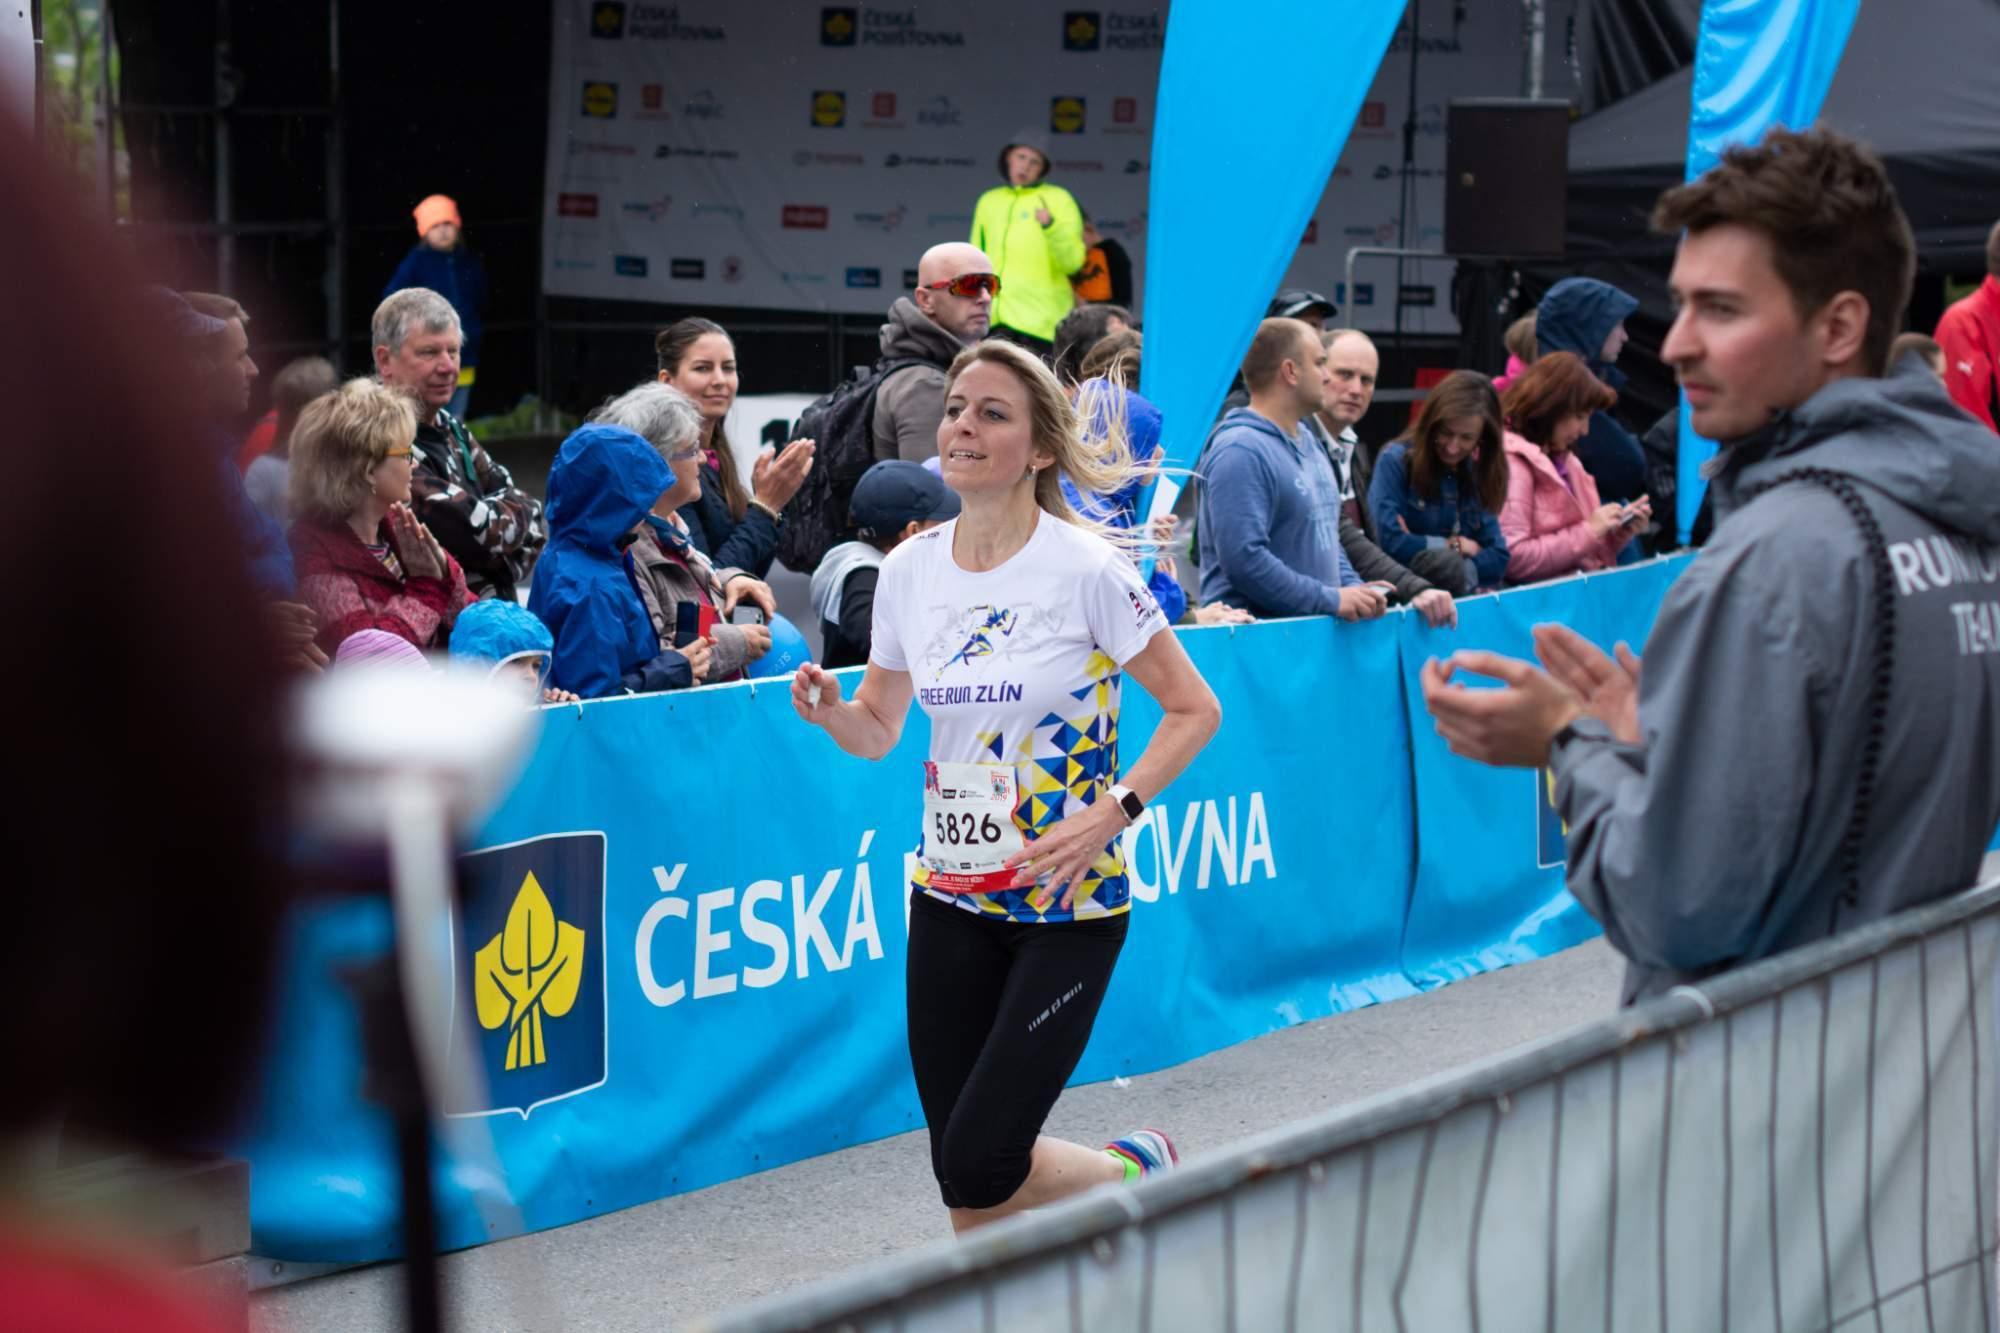 Závod Run Tour. Foto: Anna Viktorinová